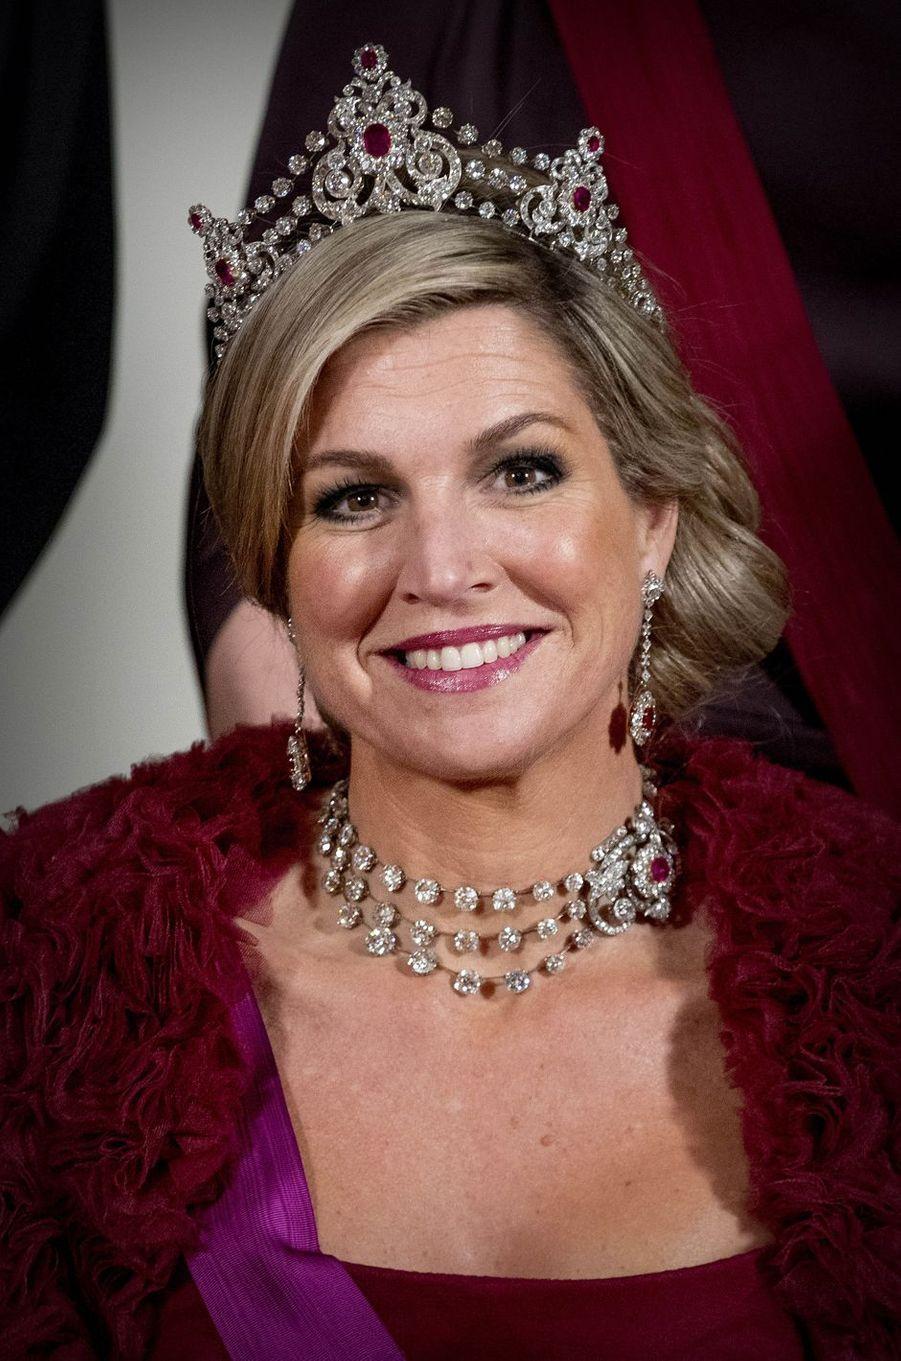 La reine Maxima des Pays-Bas parée du diadème Mellerio à Amsterdam, le 28 novembre 2016